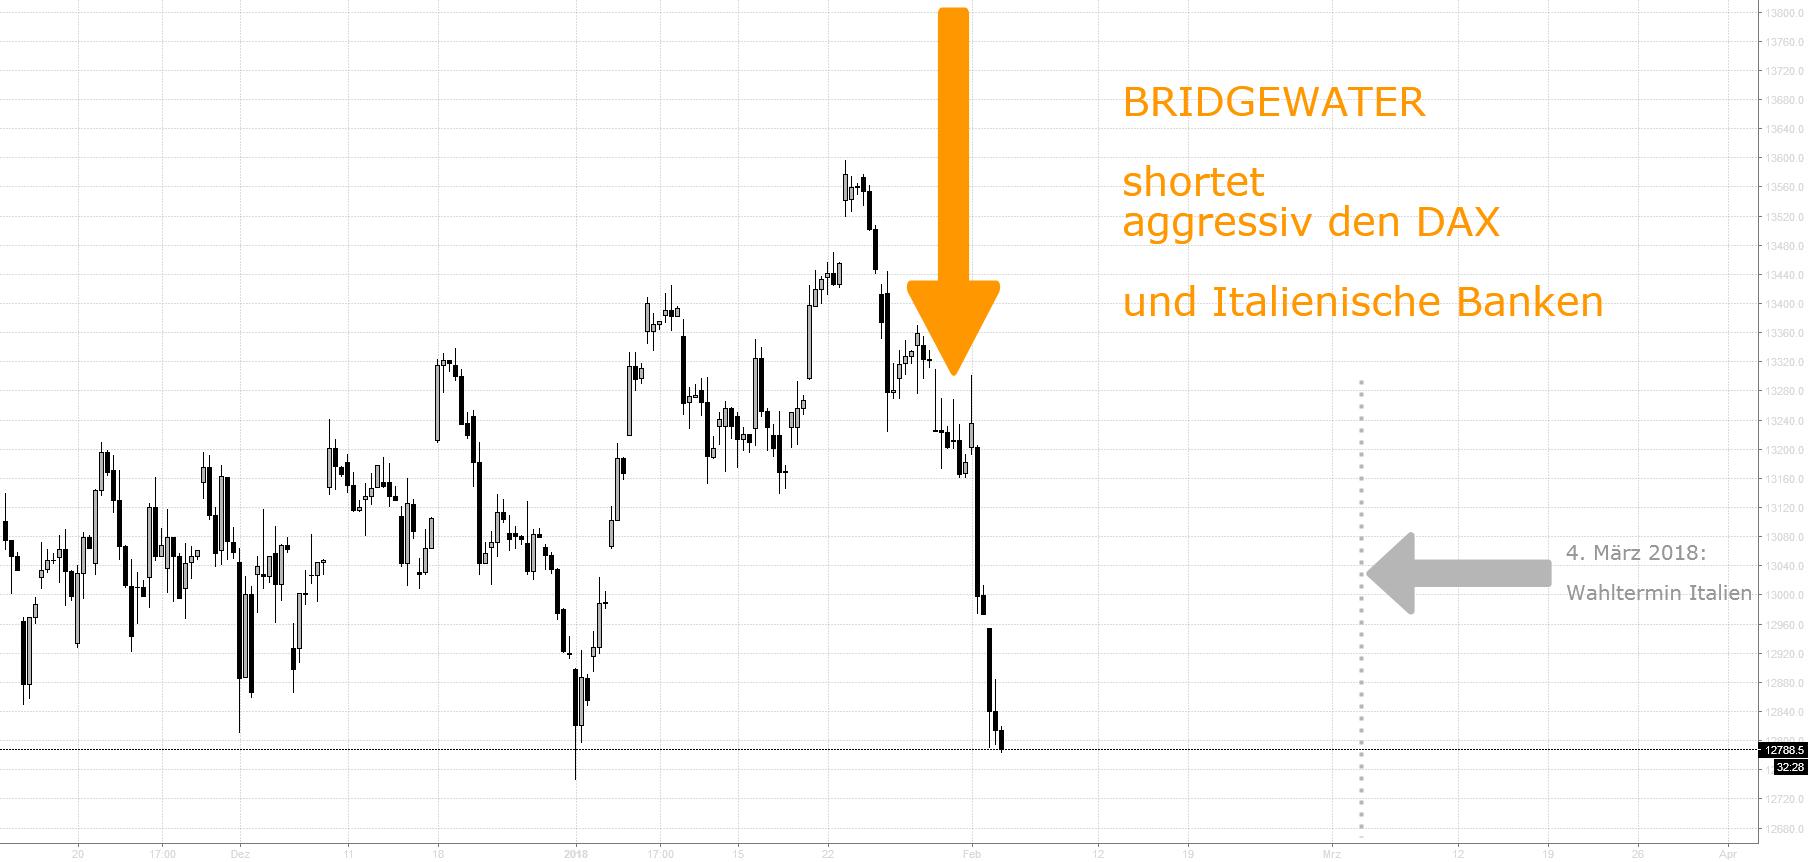 BRIDGEWATER shortet aggressiv DAX & Italienische Banken